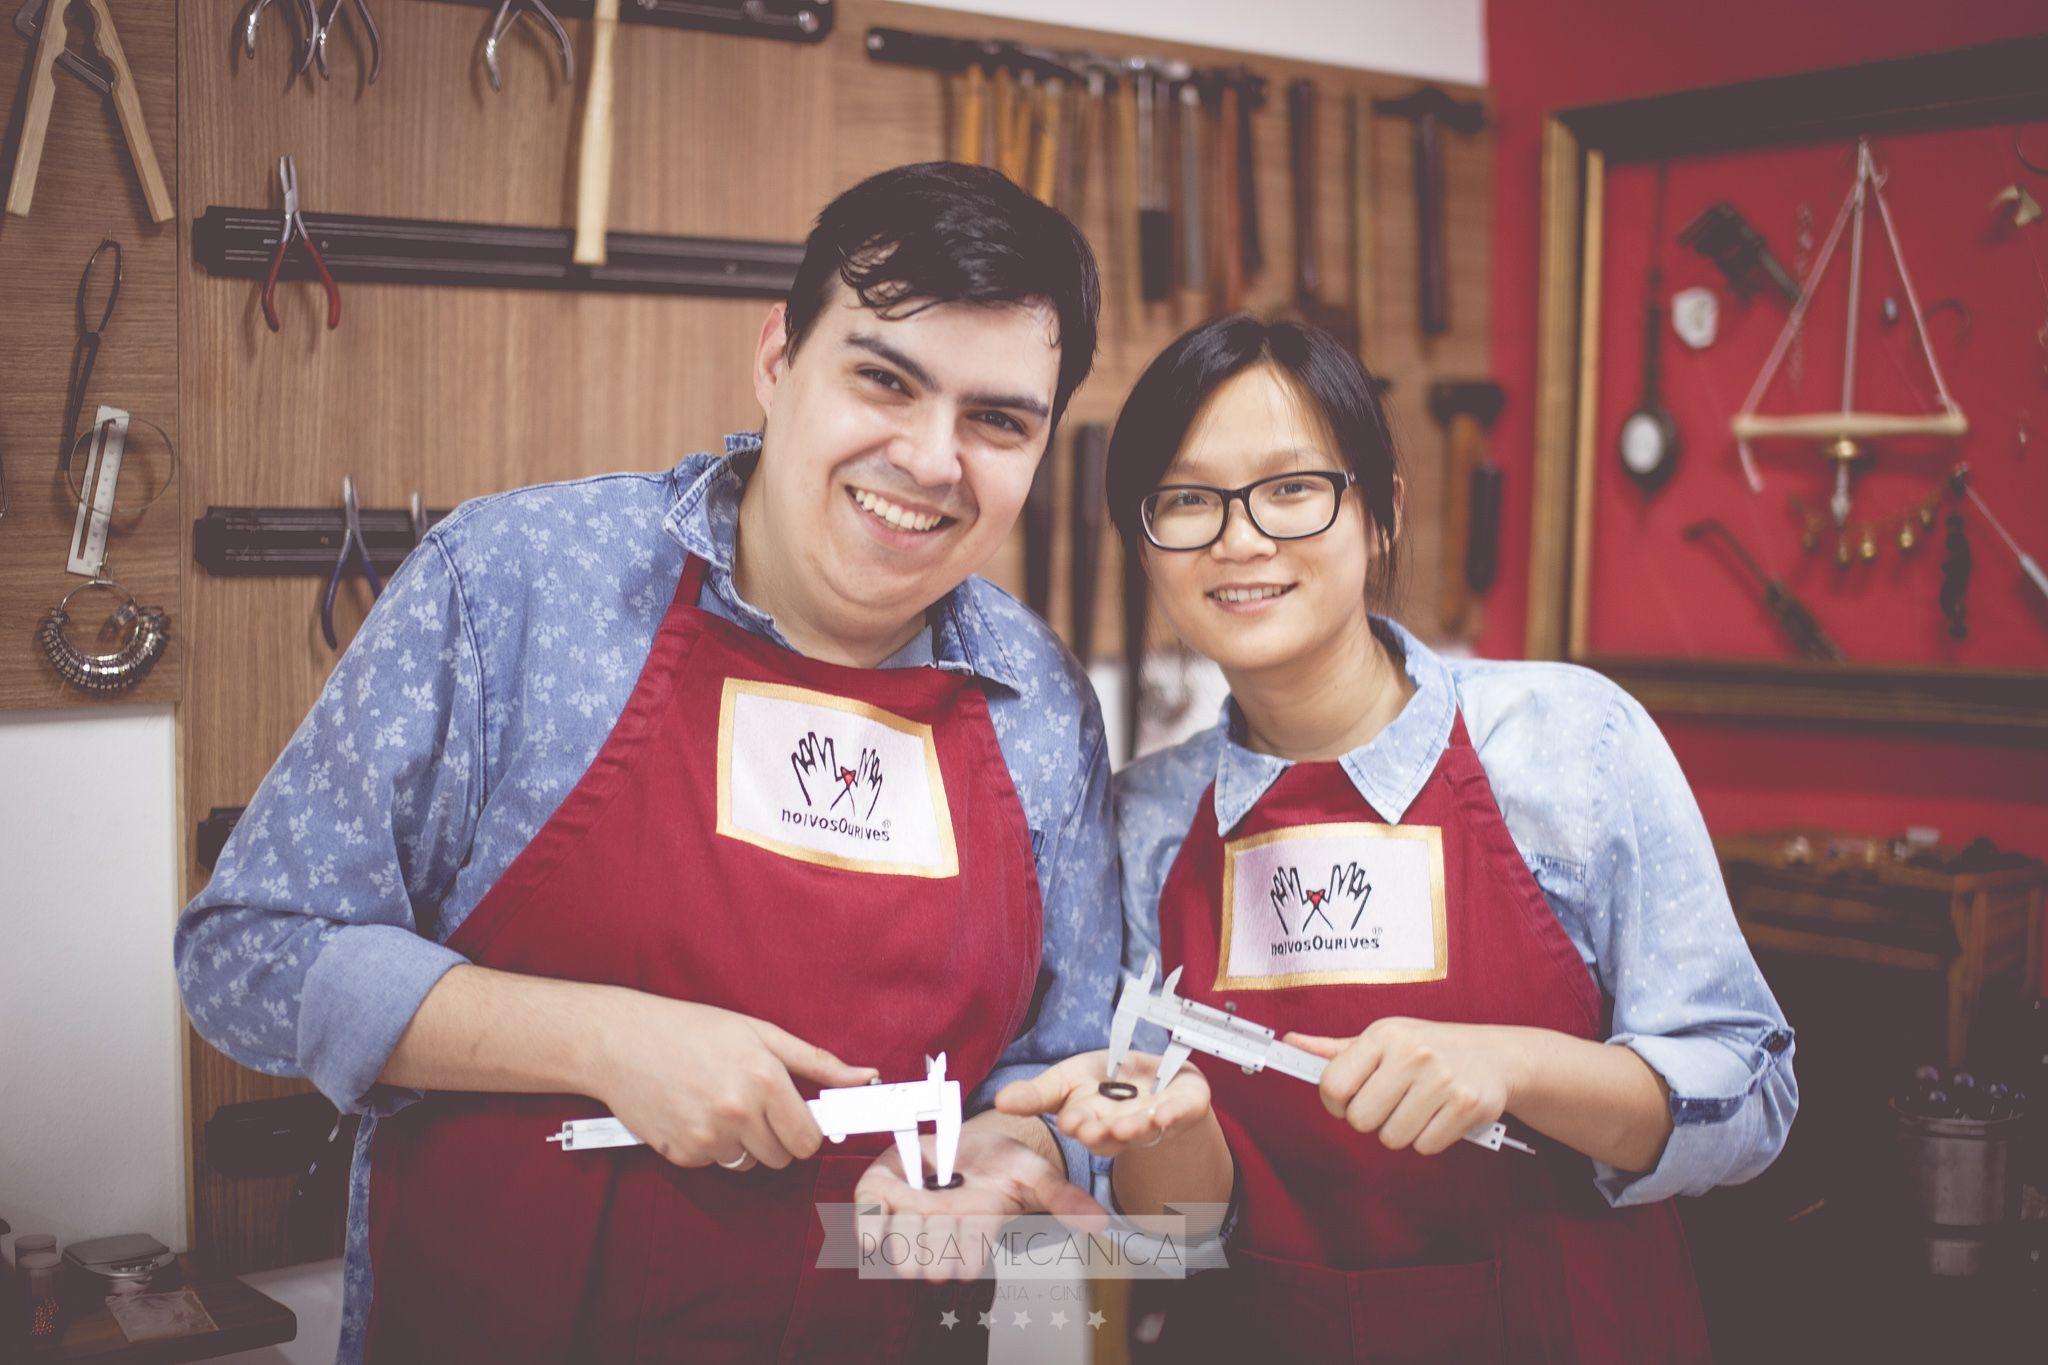 Ricardo Matioli e Jiang Pu fabricam alianças / Divulgação/Rosa Mecânica Fotografia